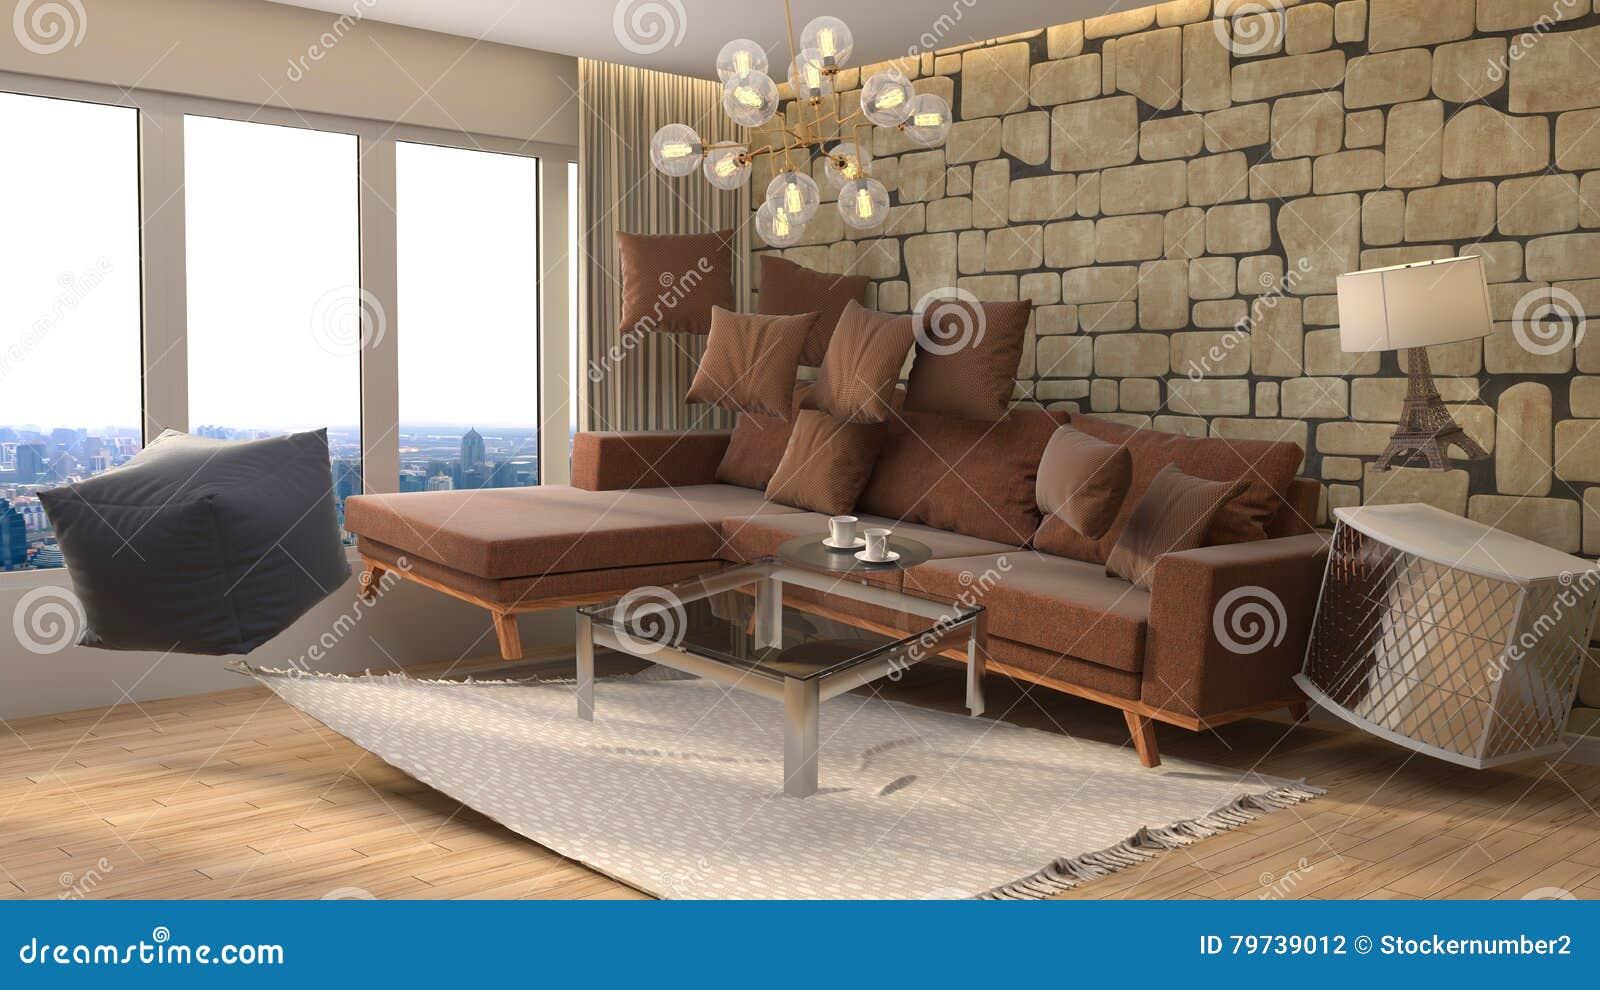 Muebles de la gravedad cero que asoman en sala de estar ilustración 3D